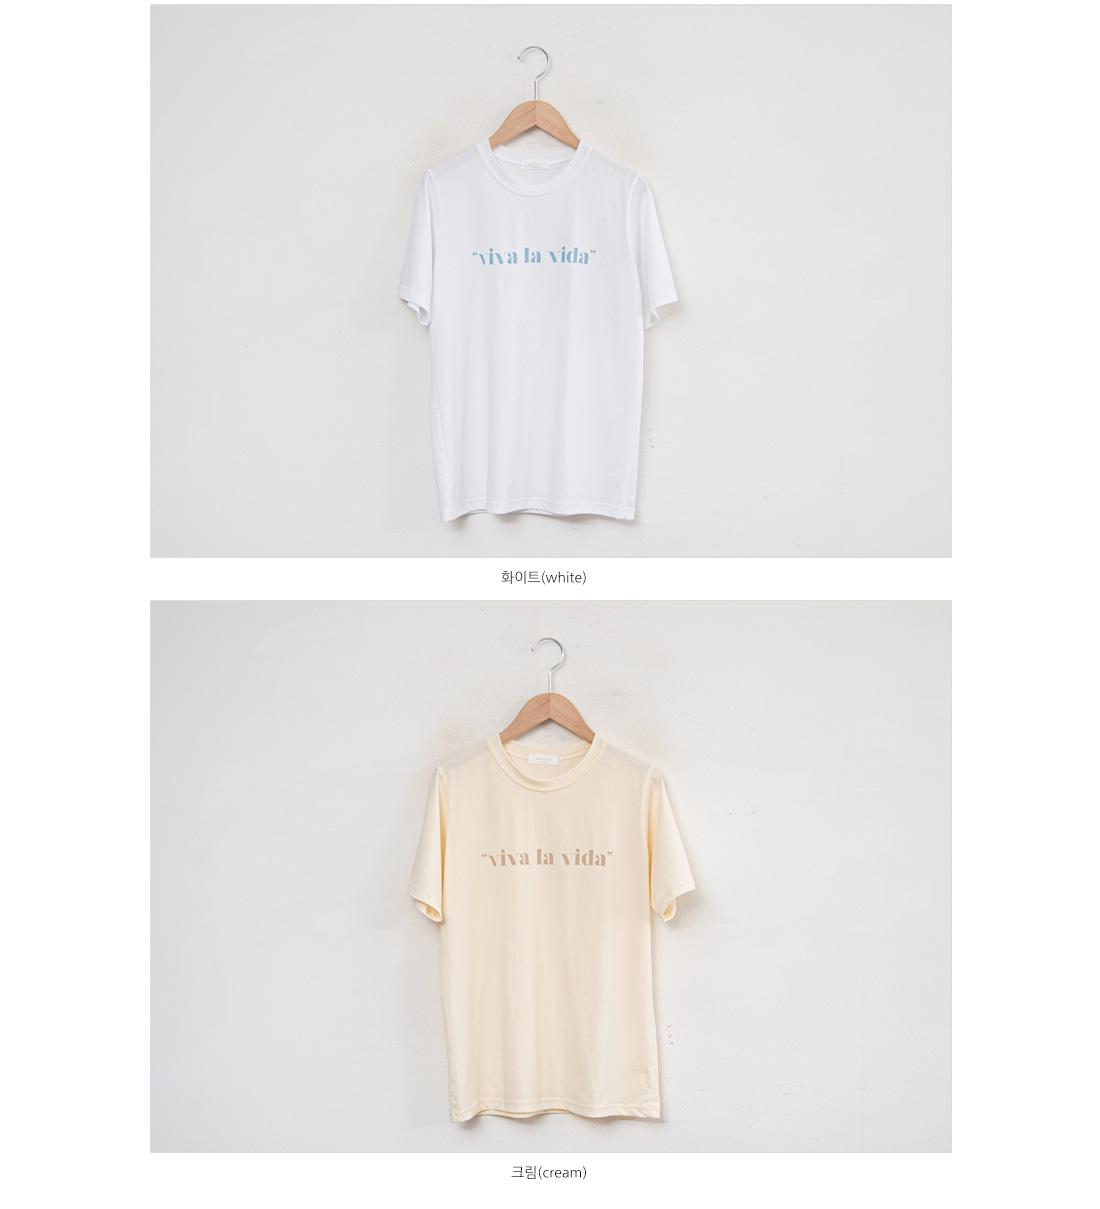 Viva lettering short sleeve t-shirt #108308